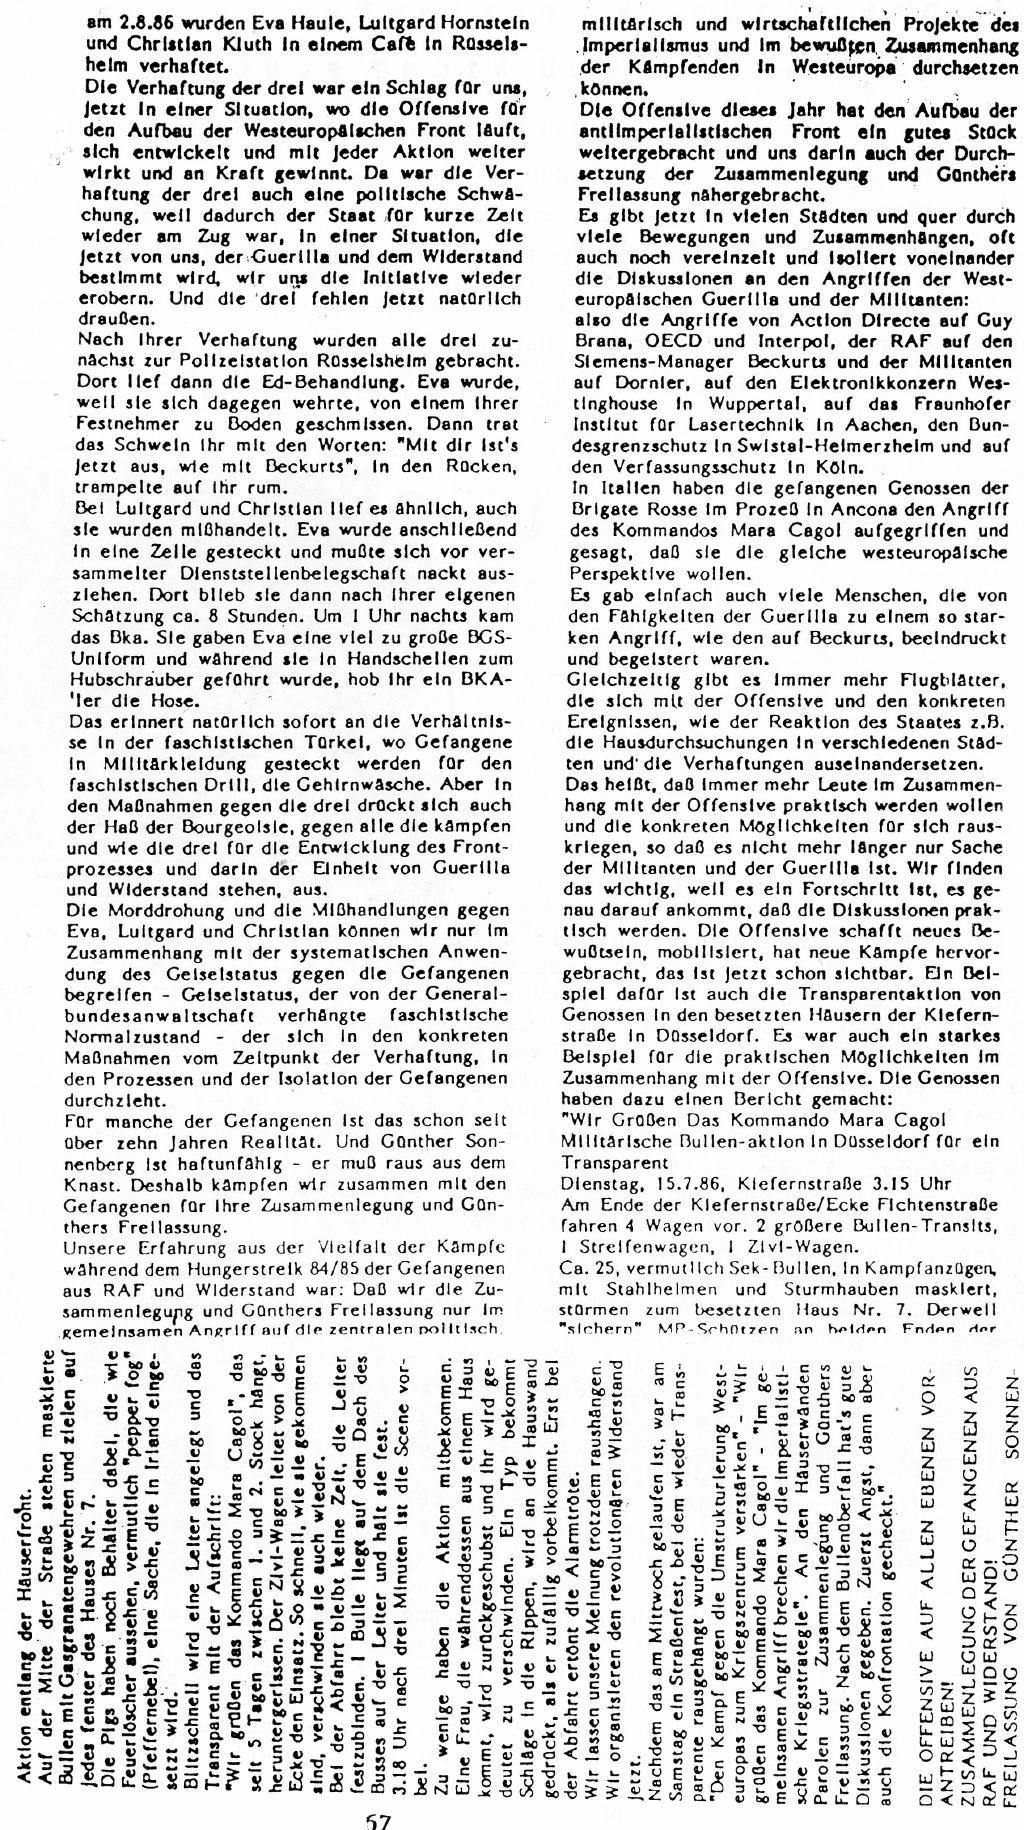 Duesseldorf_1989_Sechs_Politische_Gefangene_067